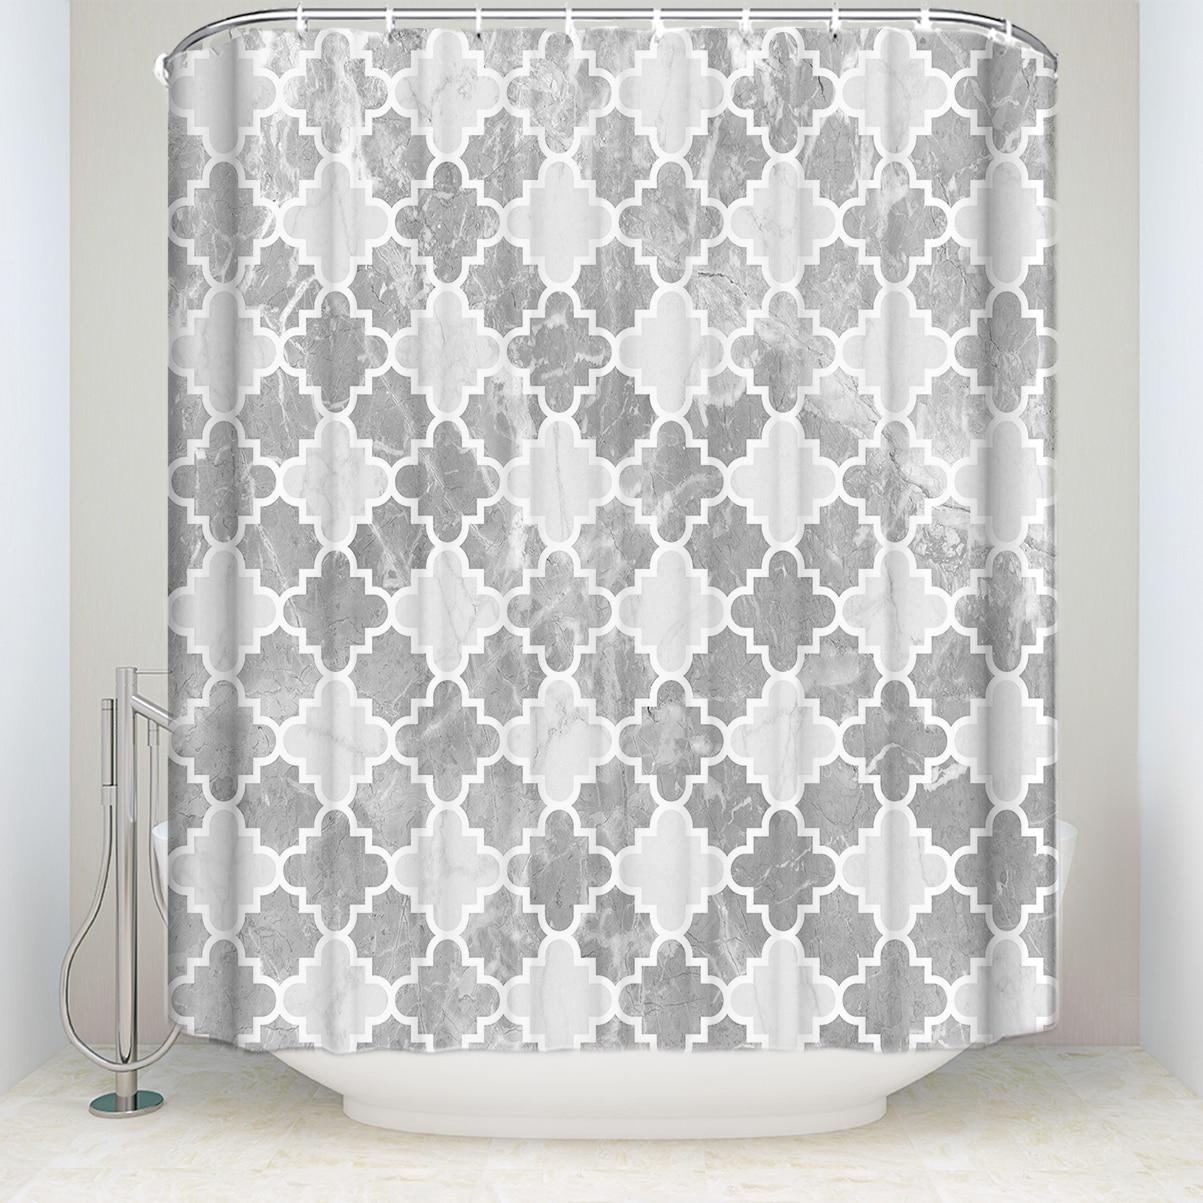 Водонепроницаемая винтажная занавеска для душа с марокканским узором и крючками, Геометрическая занавеска из полиэстера для ванной комнат...